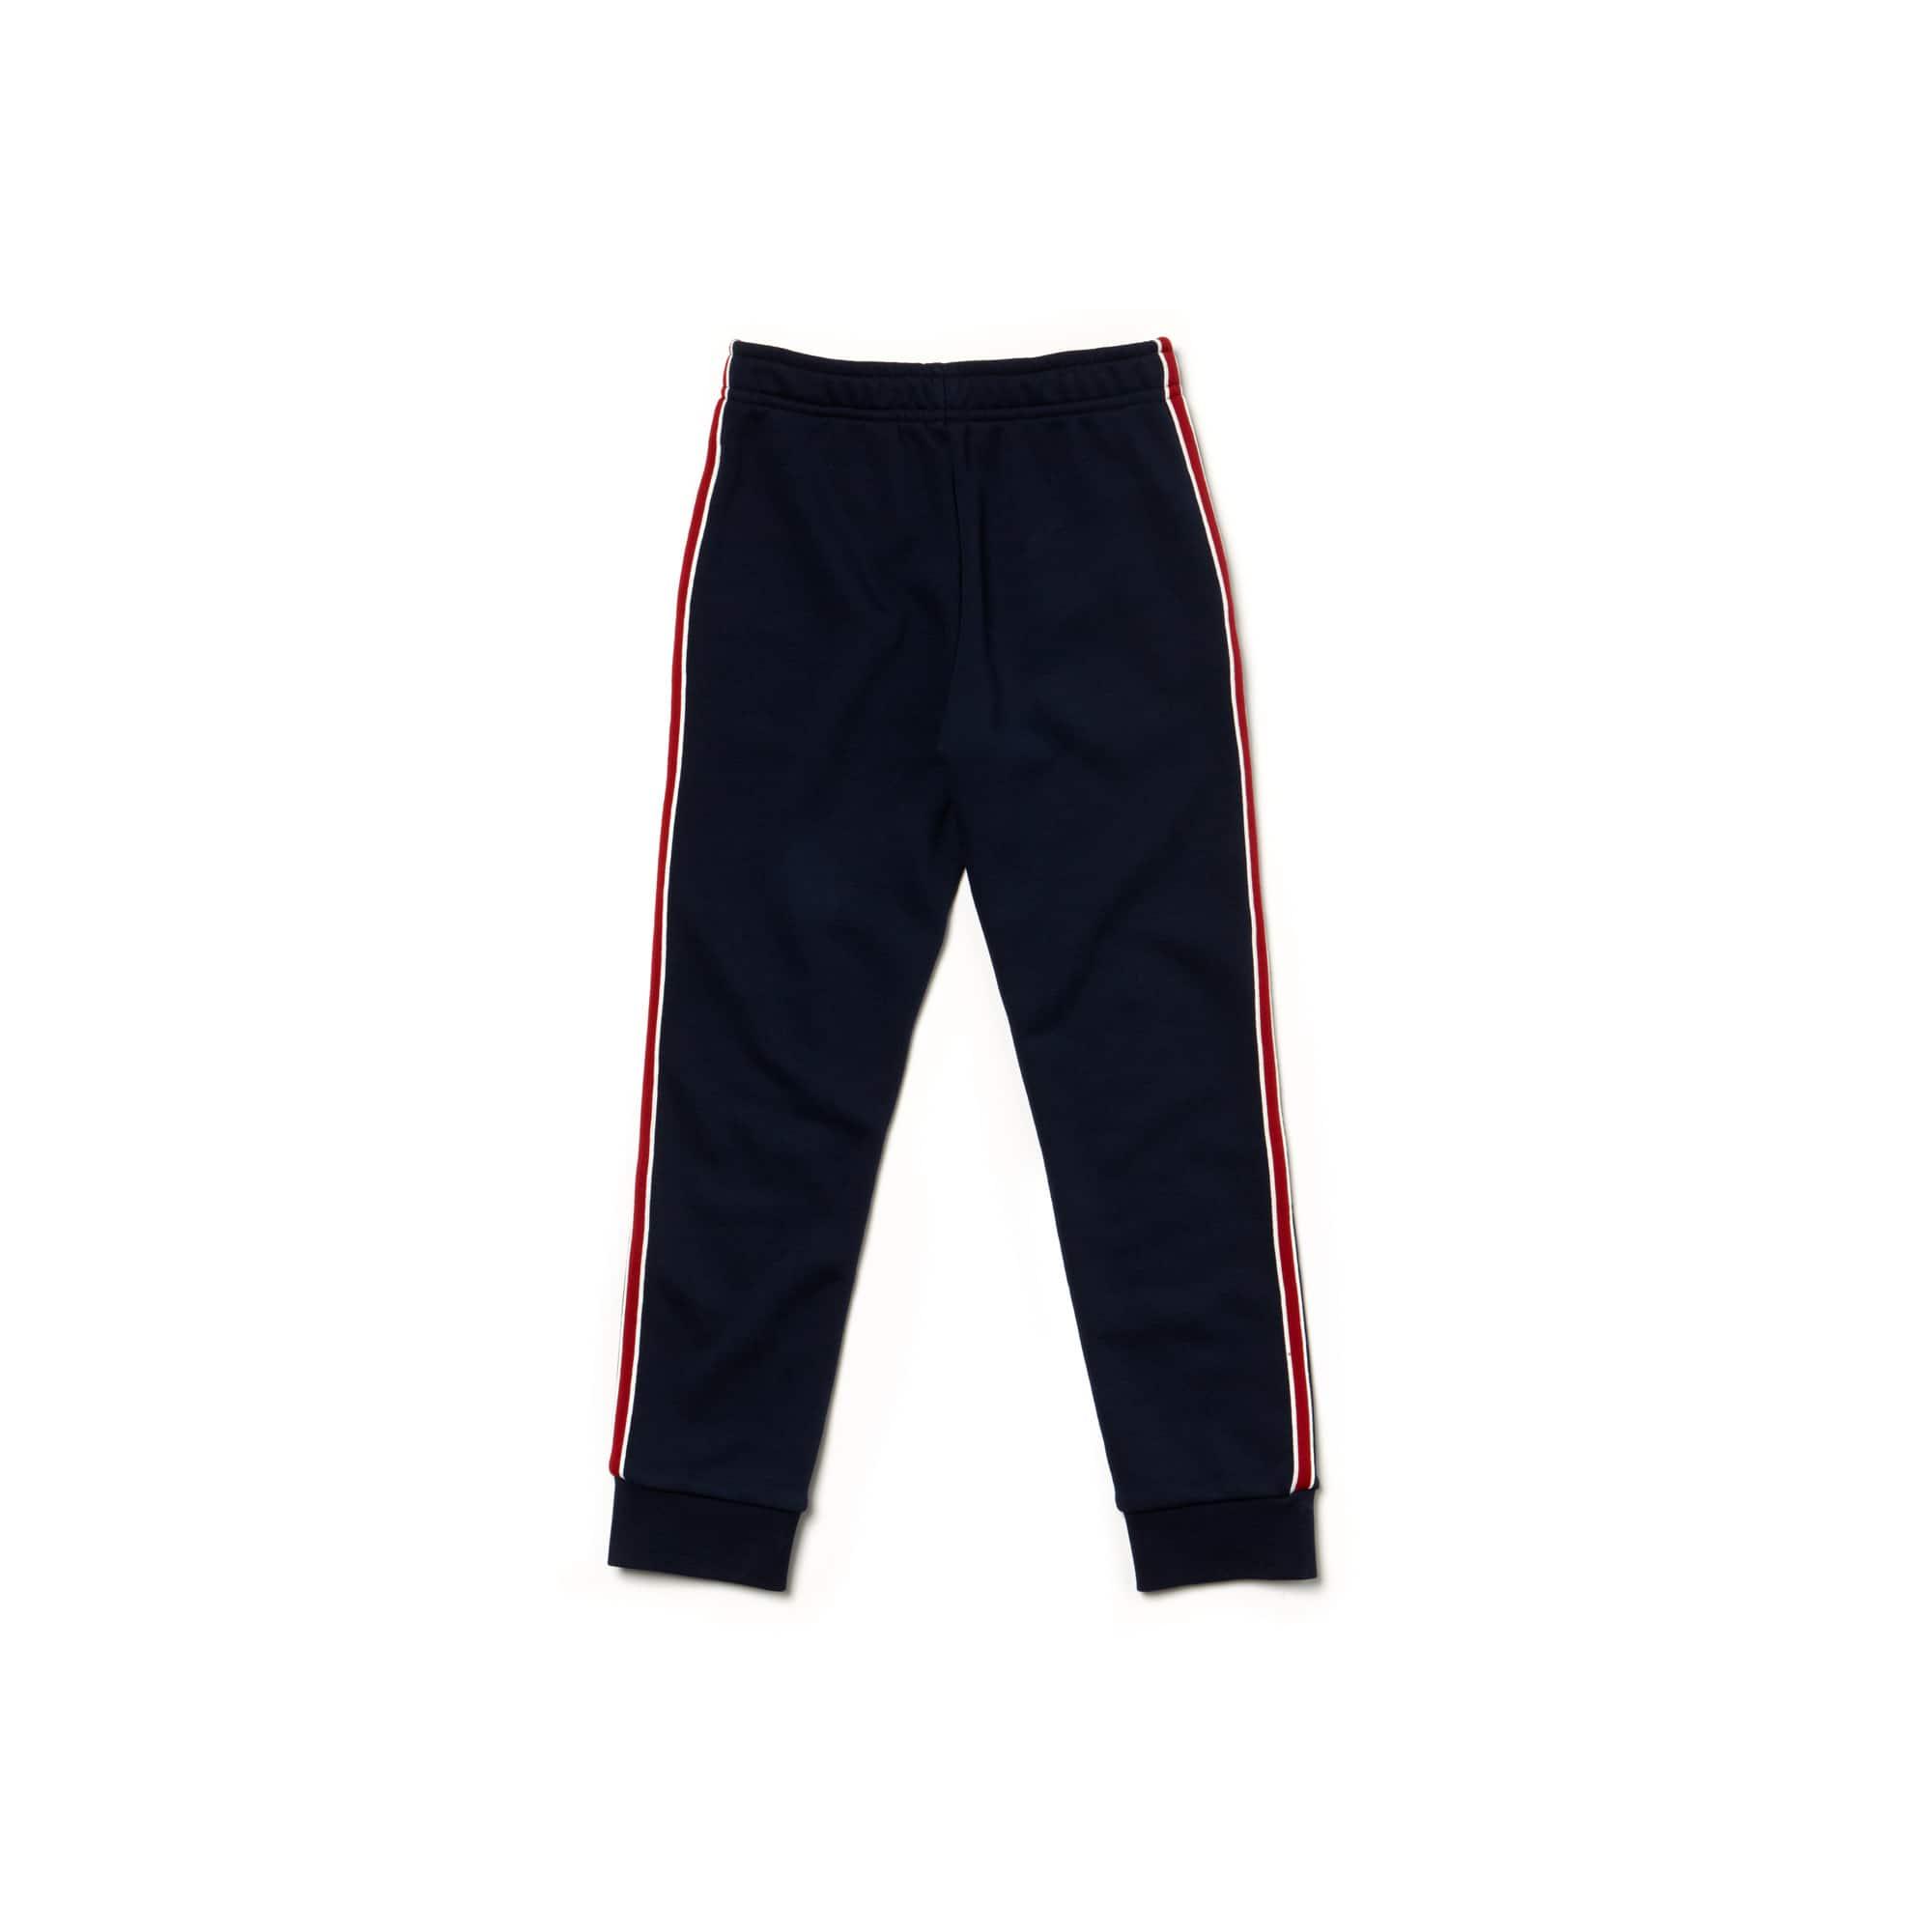 Lacoste - Jungen-Jogginghose mit seitlichen Streifen aus Fleece - 3